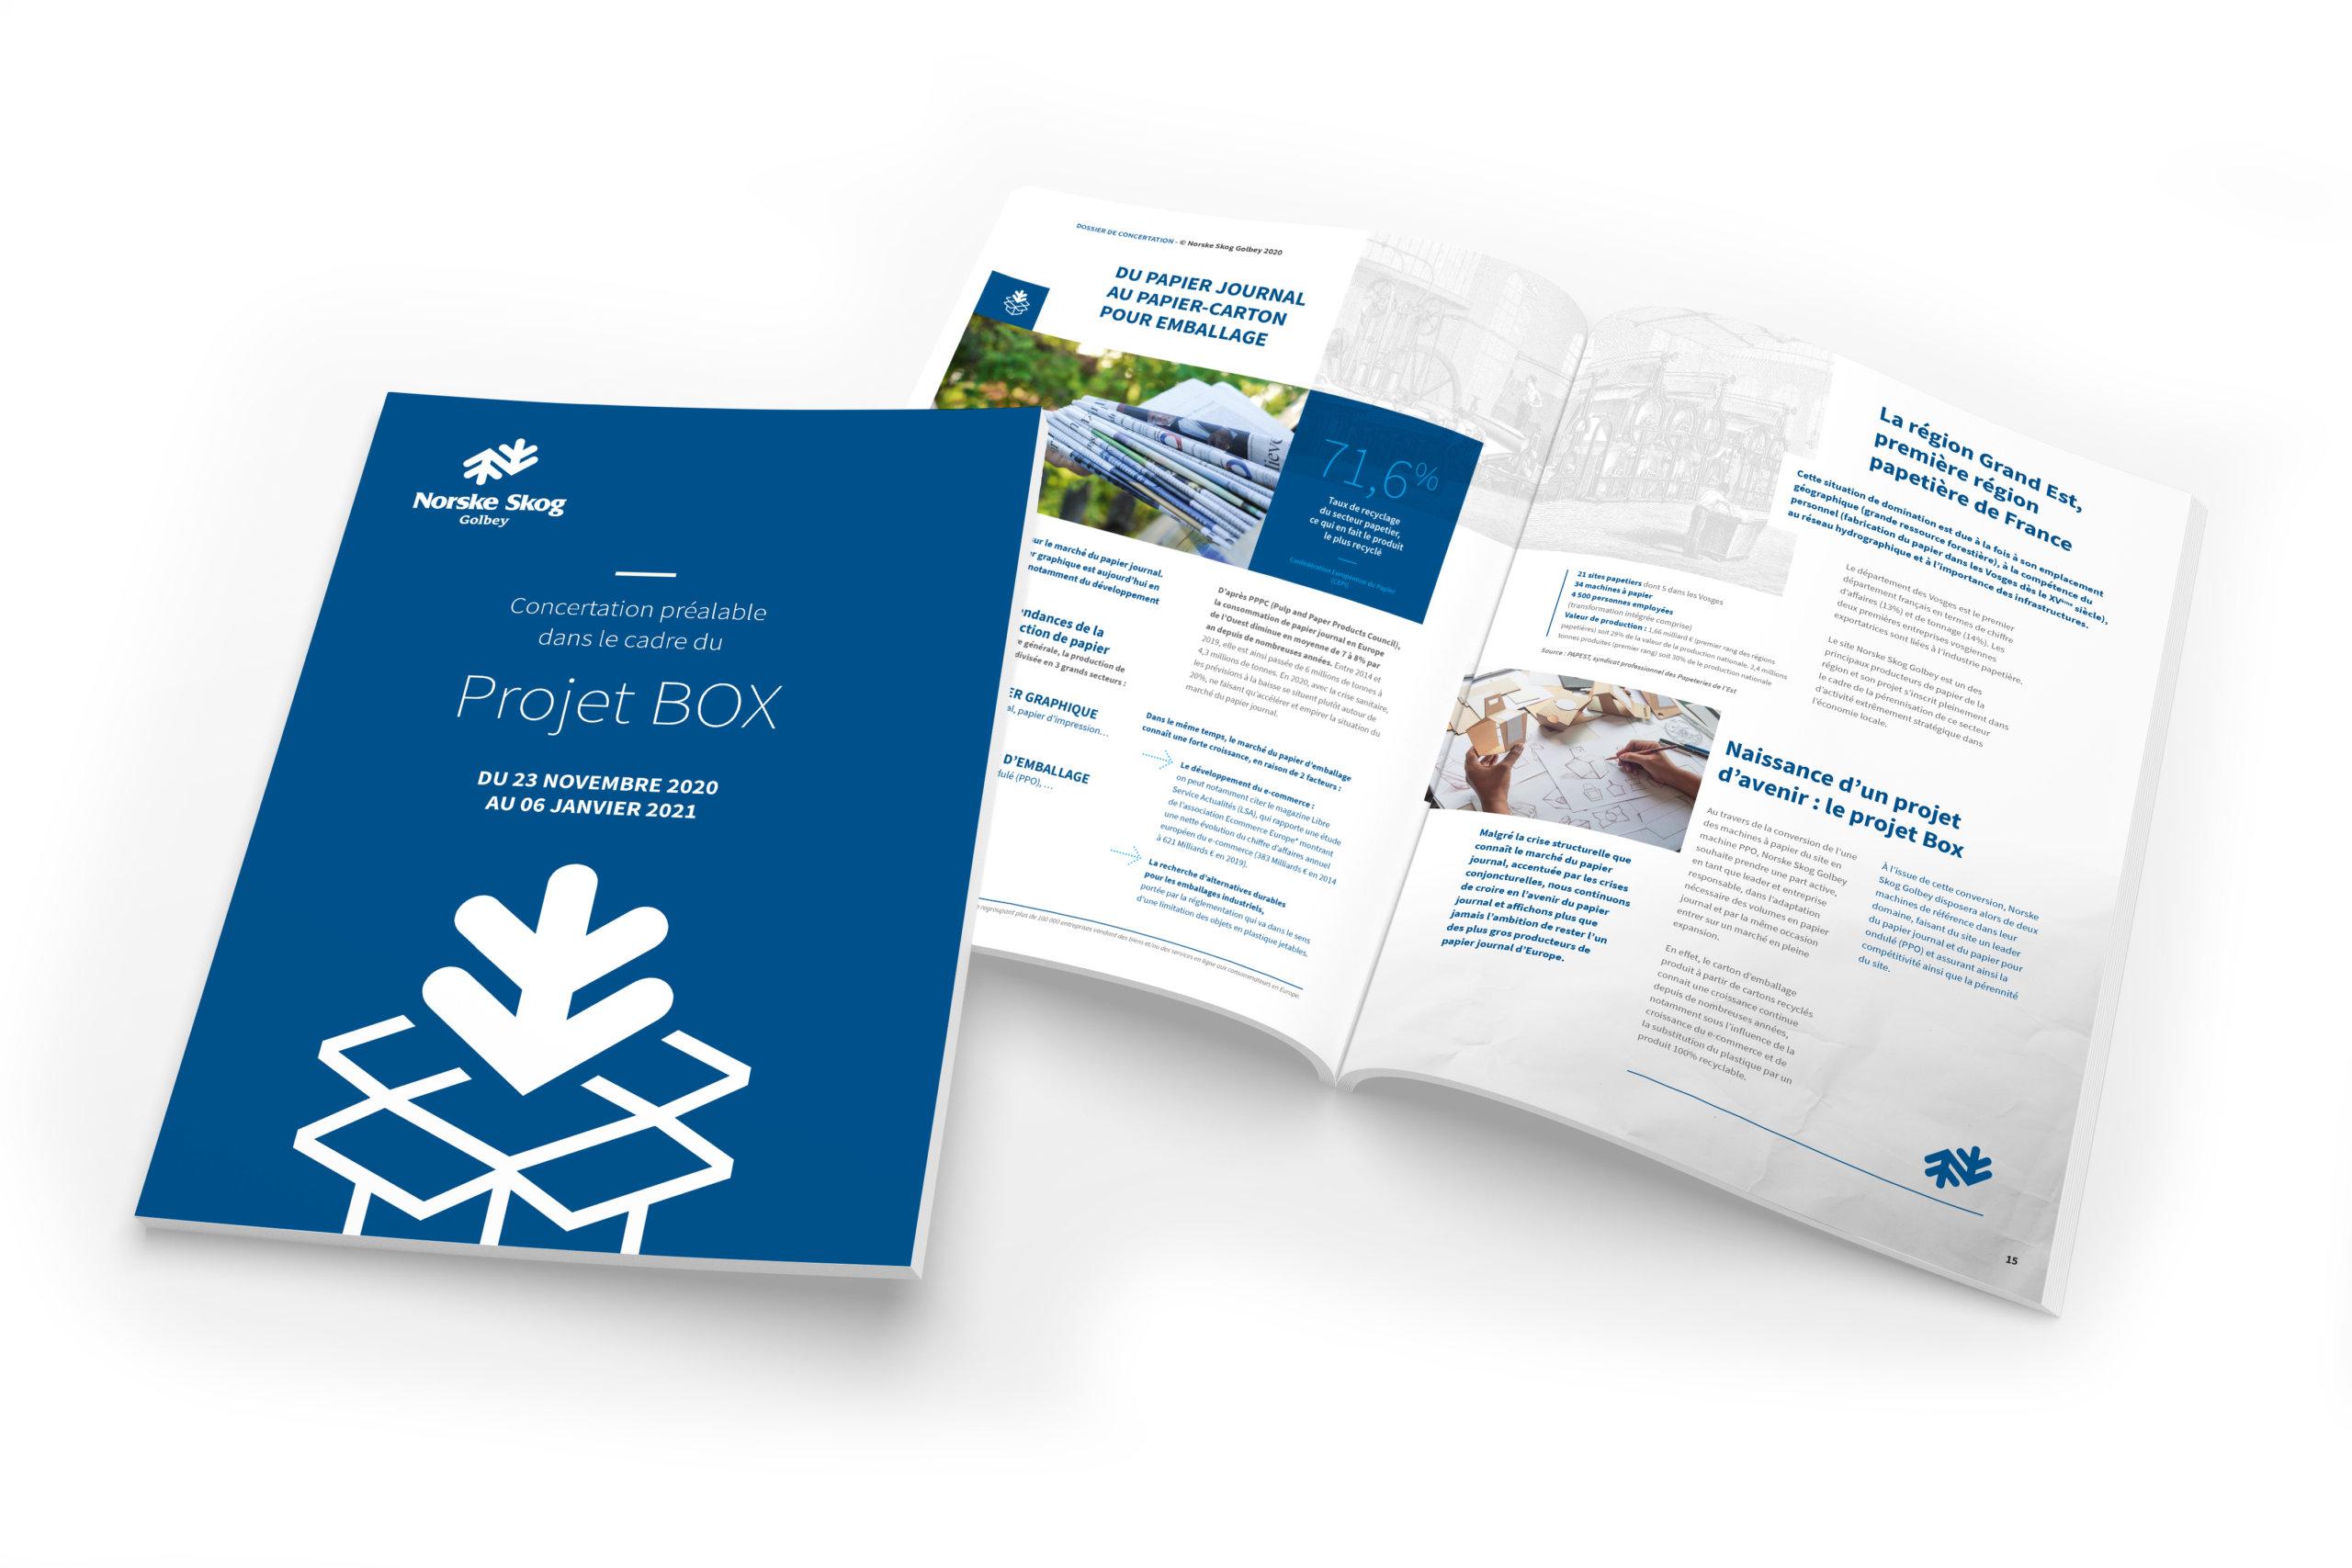 lezardscreation agence communication publicite vosges remiremont norske skog mockup nsg